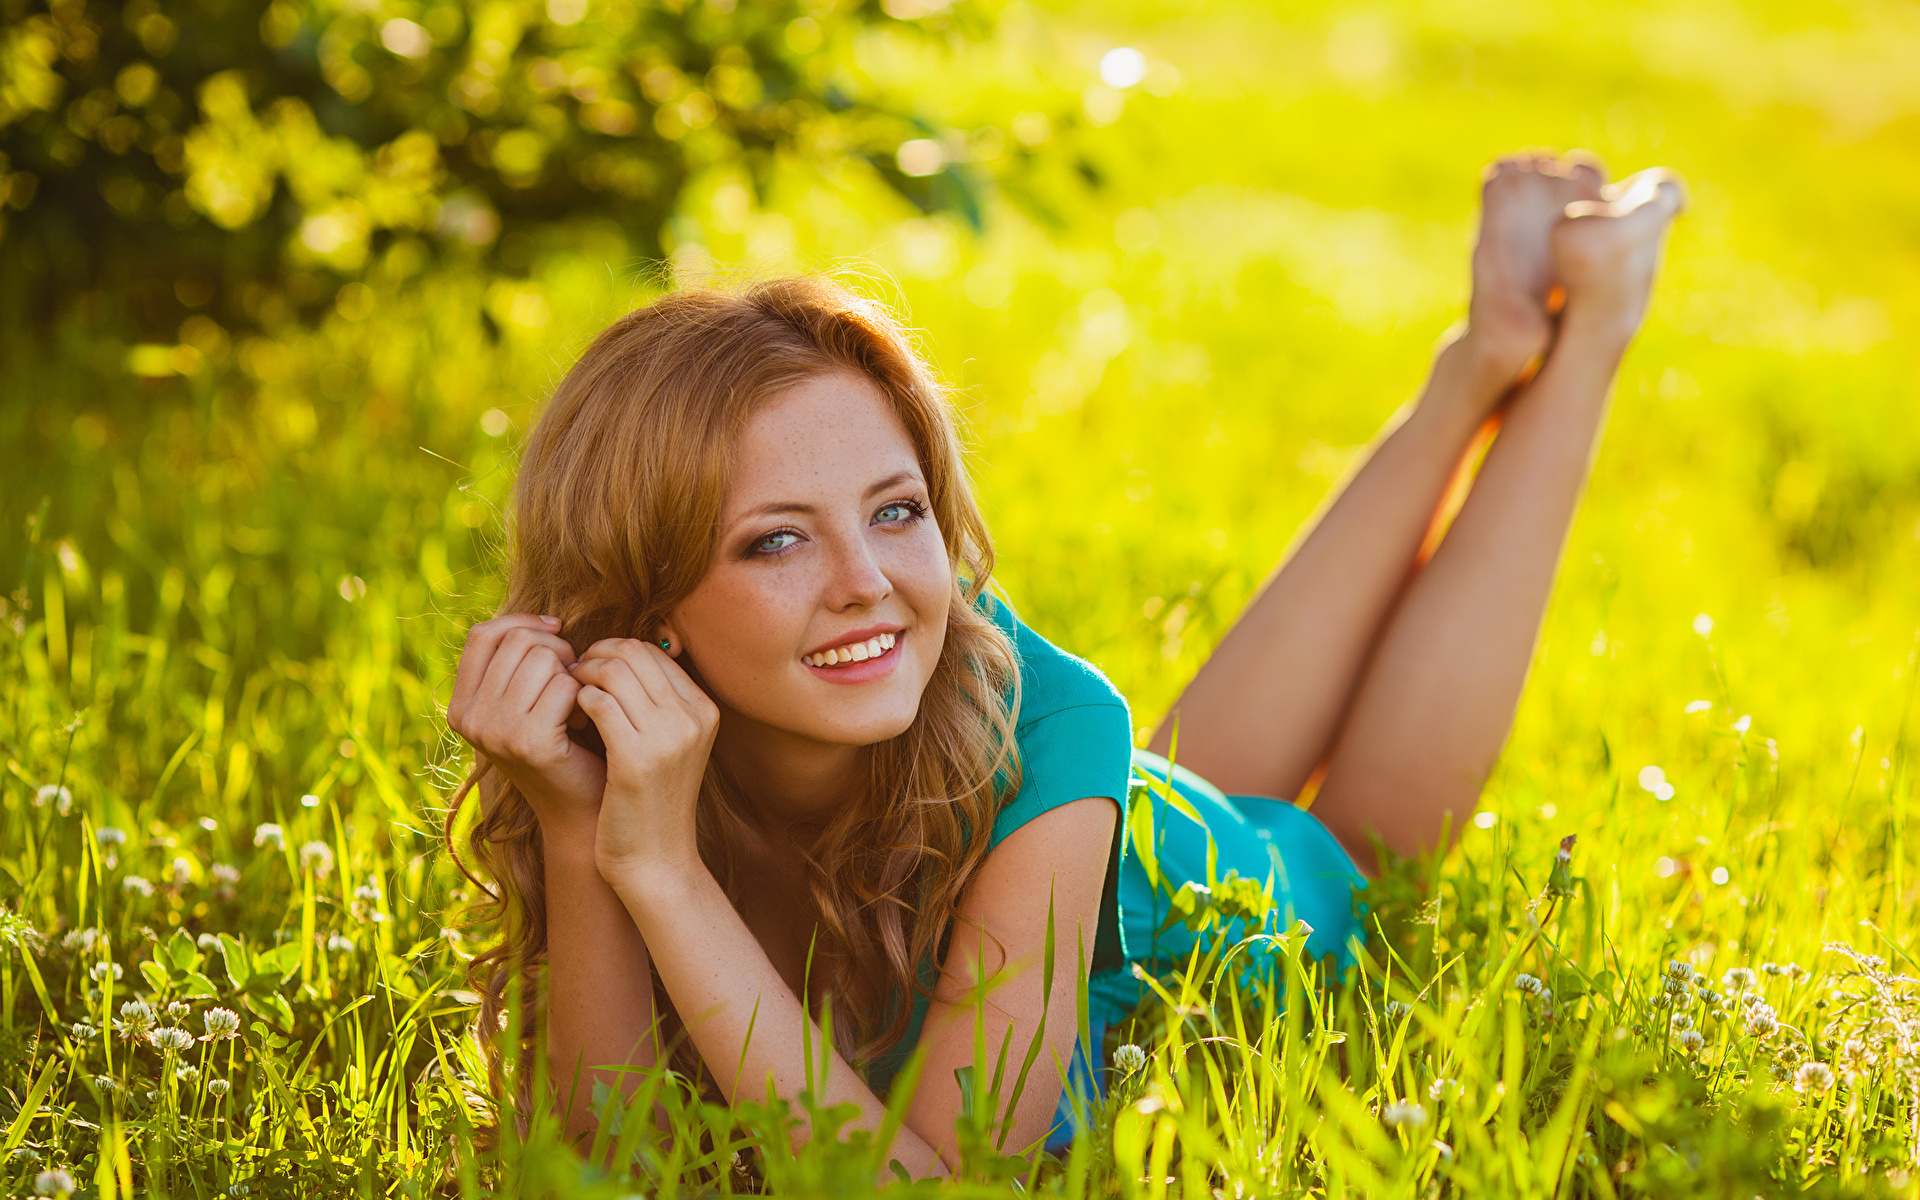 Картинка Улыбка лежат девушка Ноги Руки Трава Взгляд 1920x1200 улыбается лежа Лежит лежачие Девушки молодая женщина молодые женщины ног рука траве смотрит смотрят